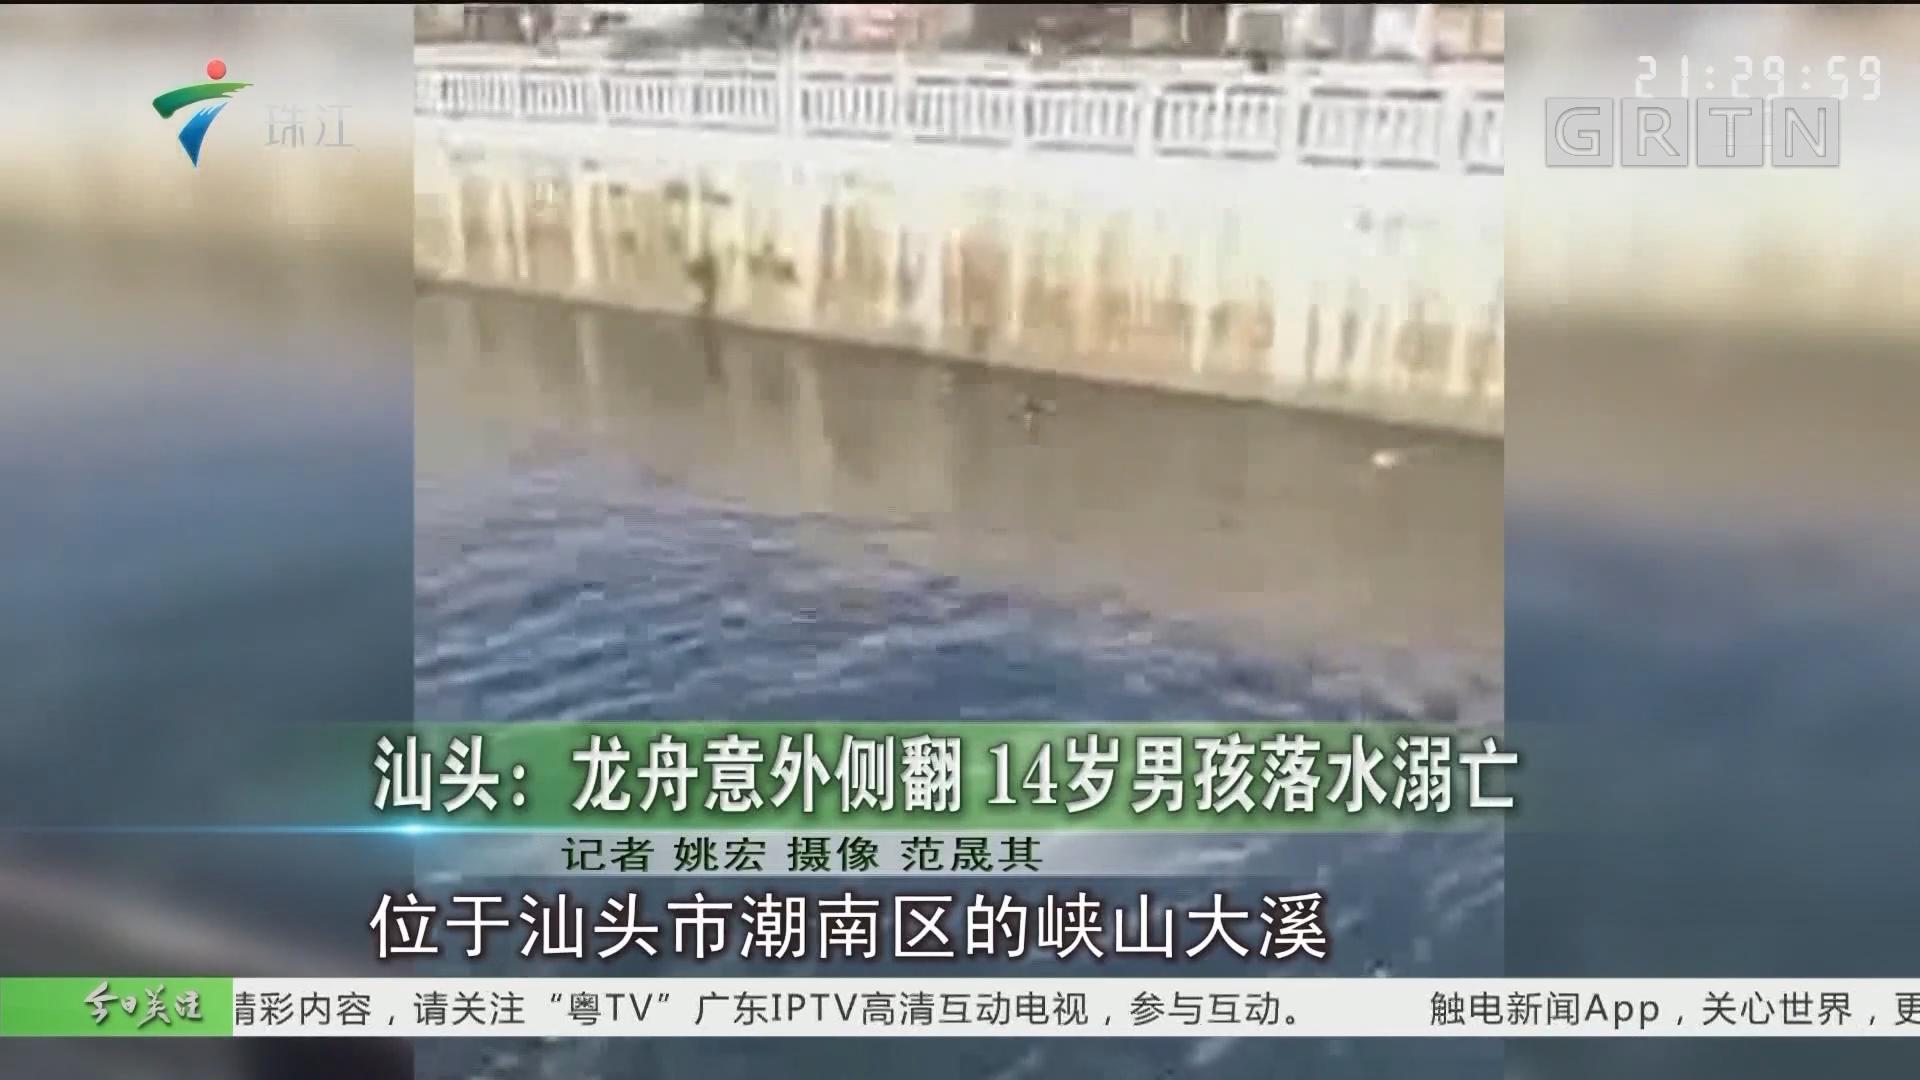 汕头:龙舟意外侧翻 14岁男孩落水溺亡